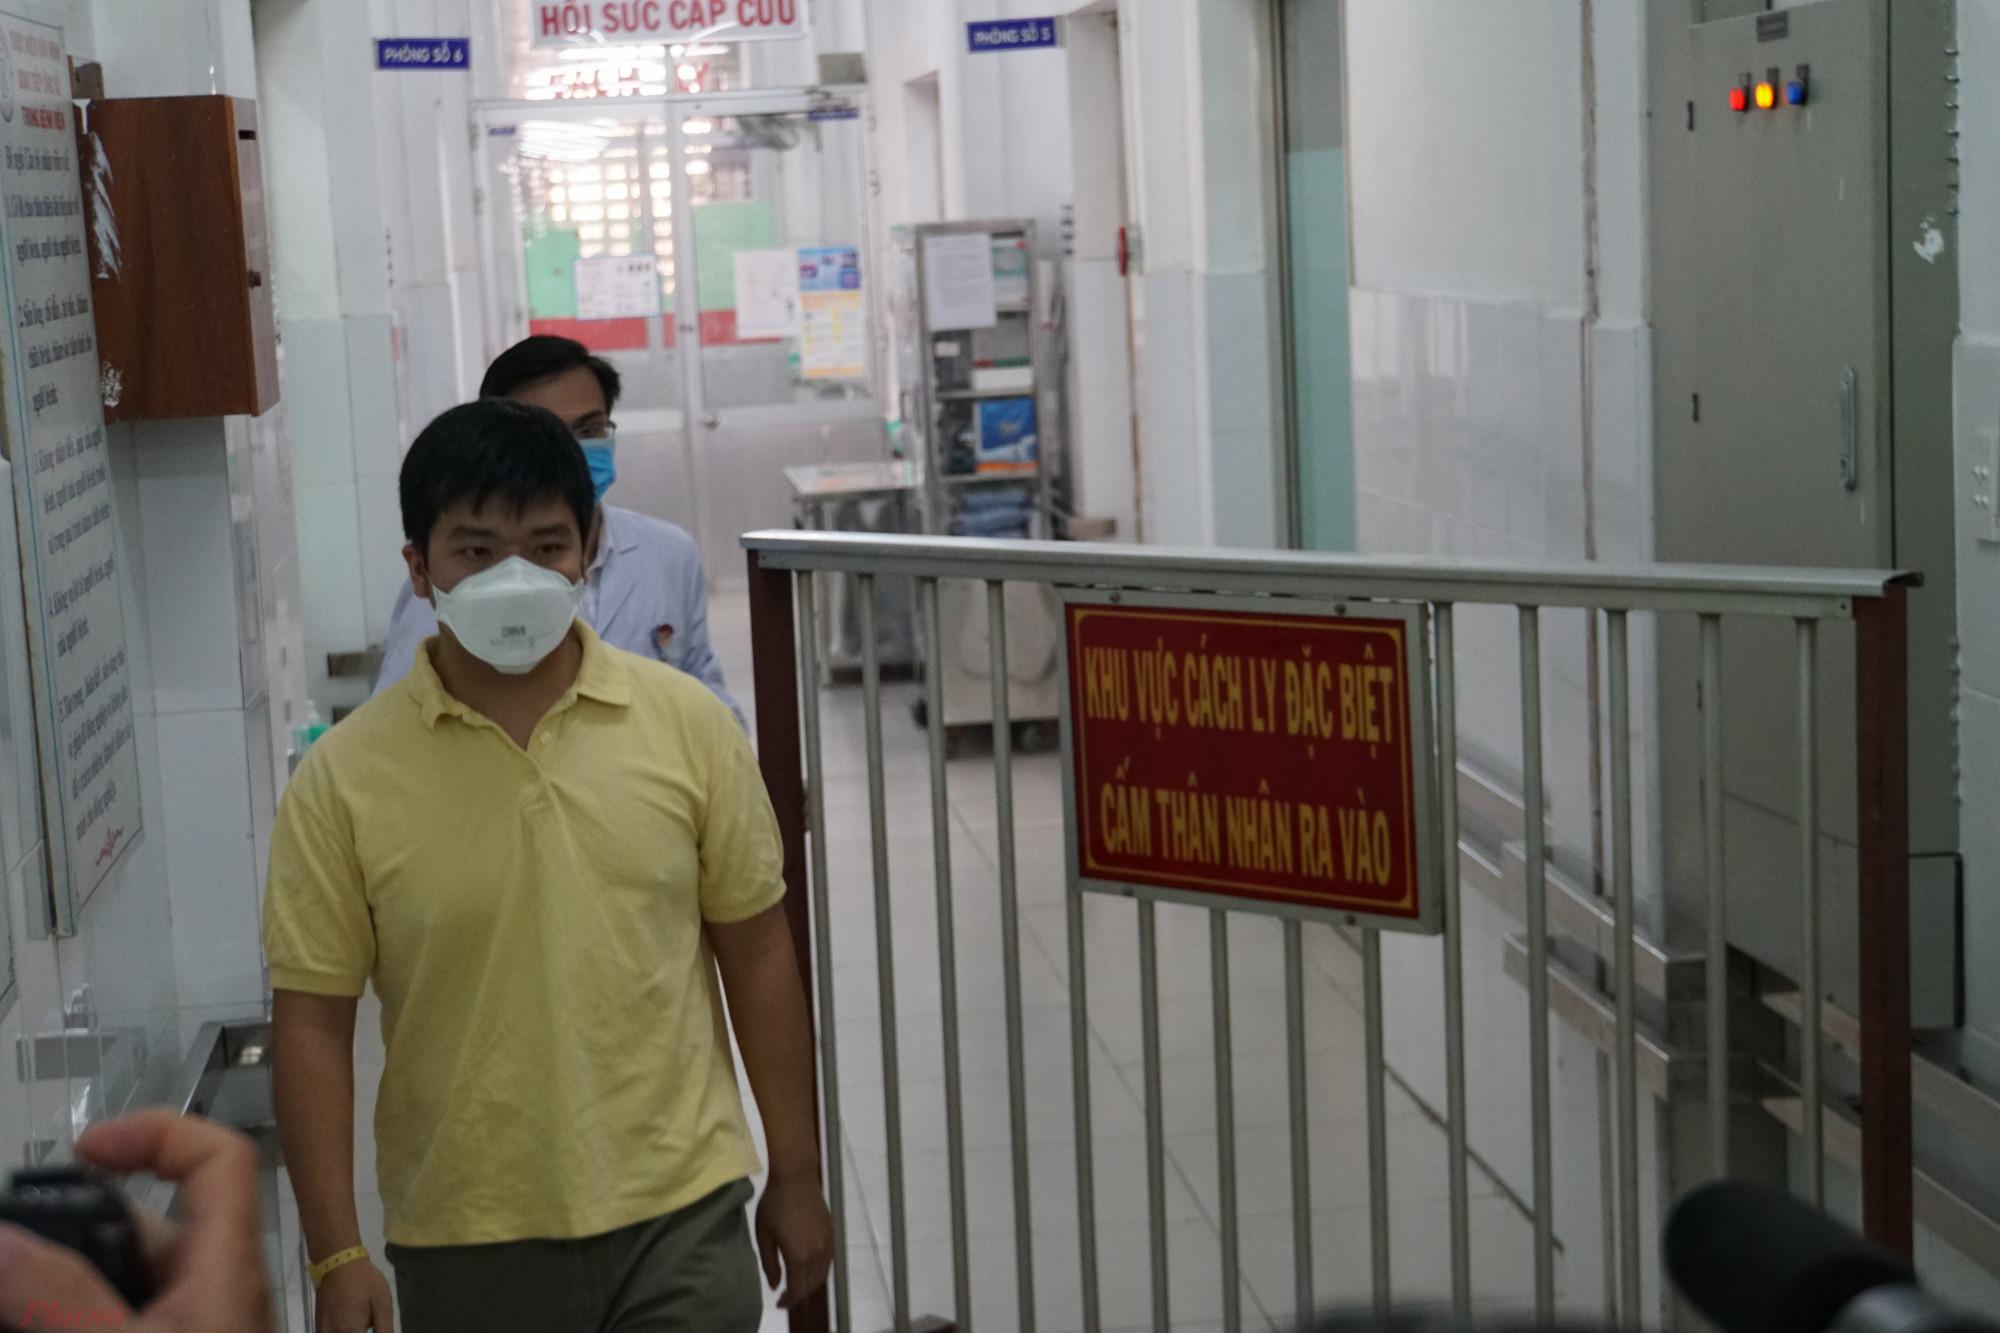 Anh Z. bước ra từ phòng cách ly của khoa Bệnh Nhiệt đới, Bệnh viện Chợ Rẫy.